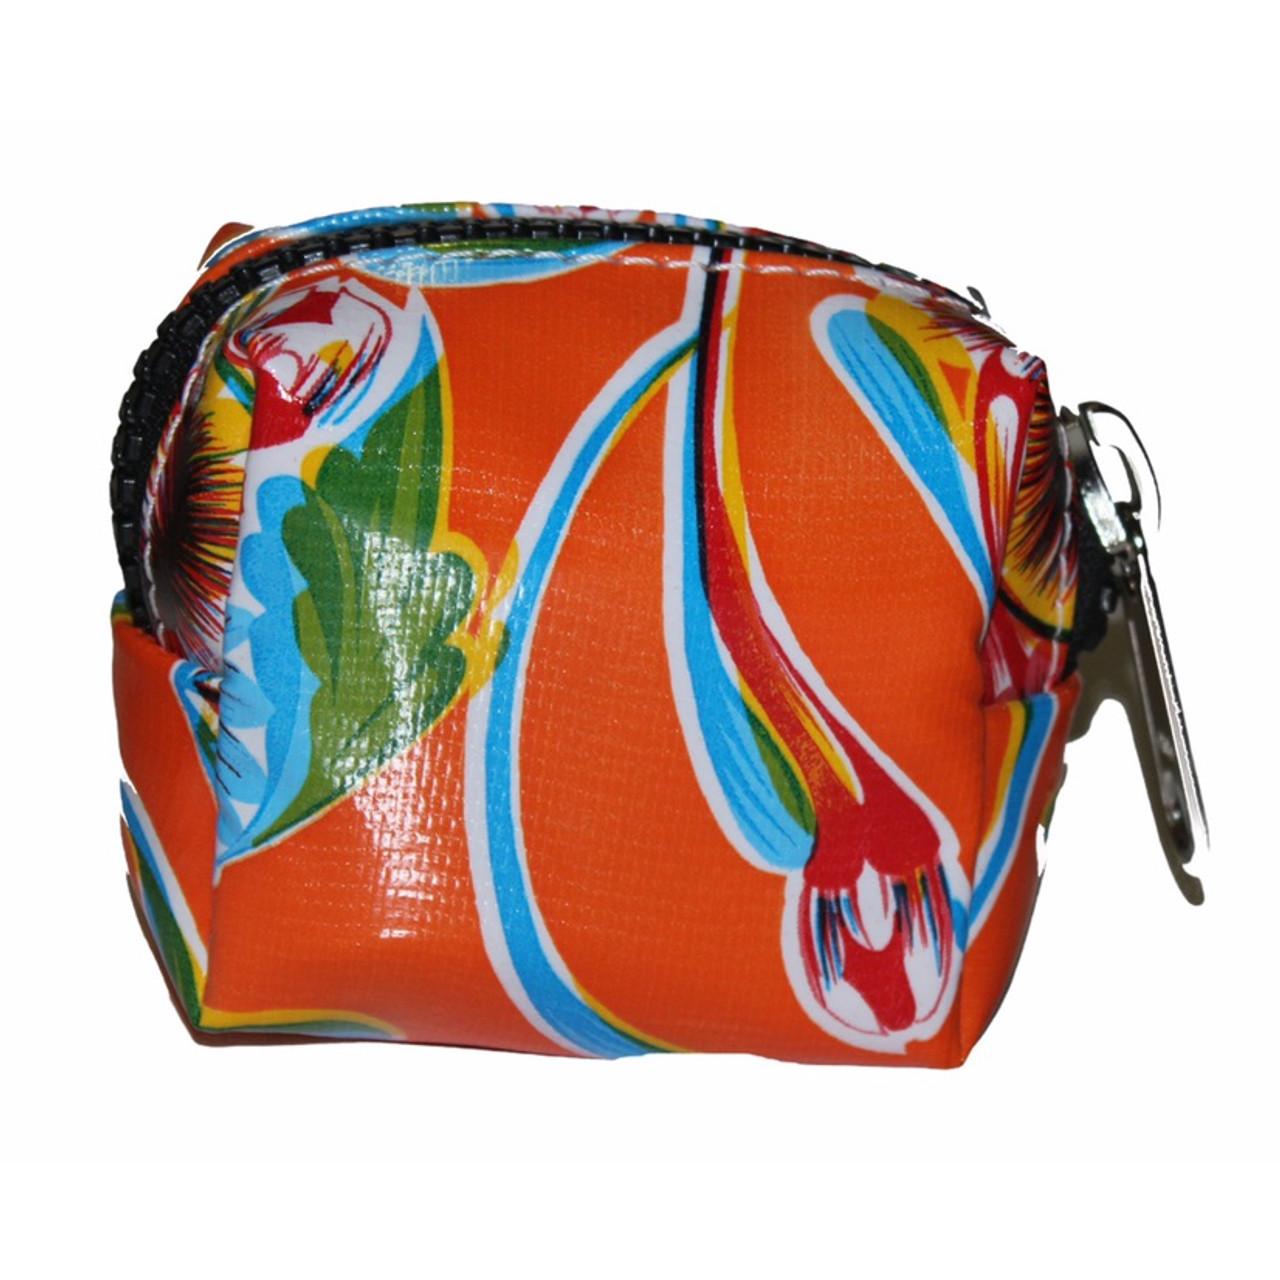 Little Ladies Bag Australian Made  9cm L x 7cm H x 4cm